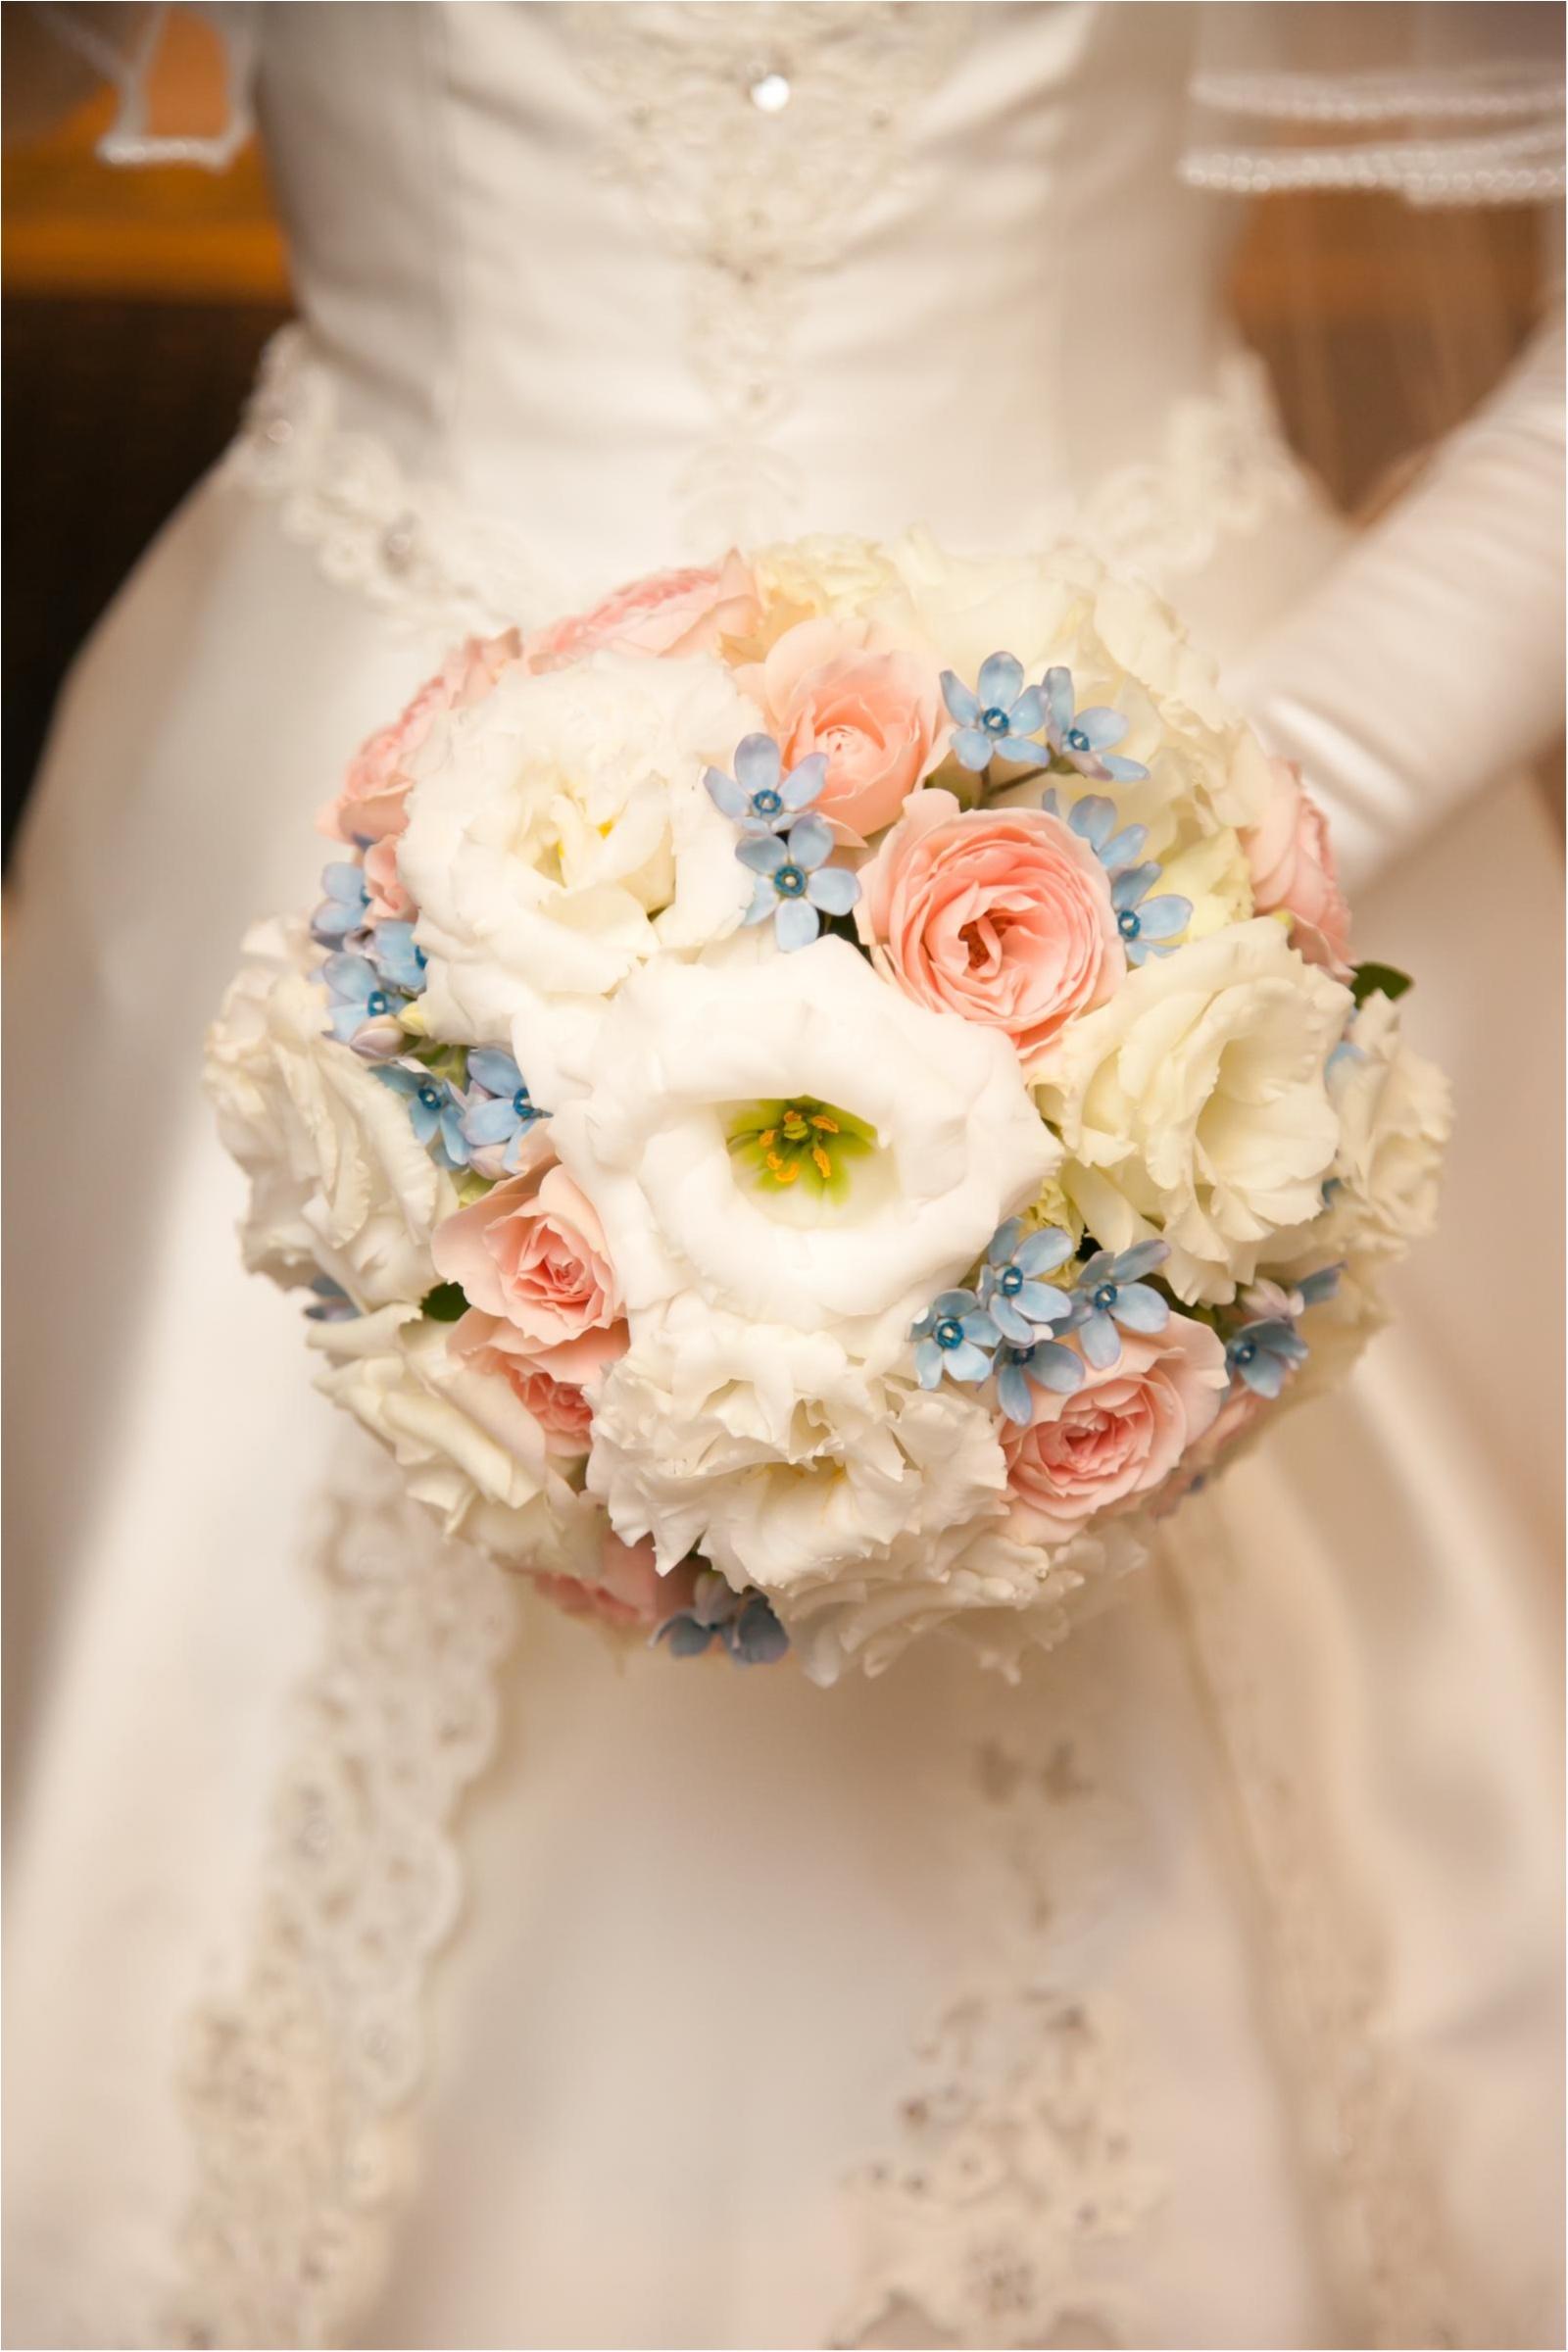 結婚式におすすめの式場・リング・ドレス・ブーケまとめ - 演出アイデアや先輩花嫁のウェディングレポもチェック_37